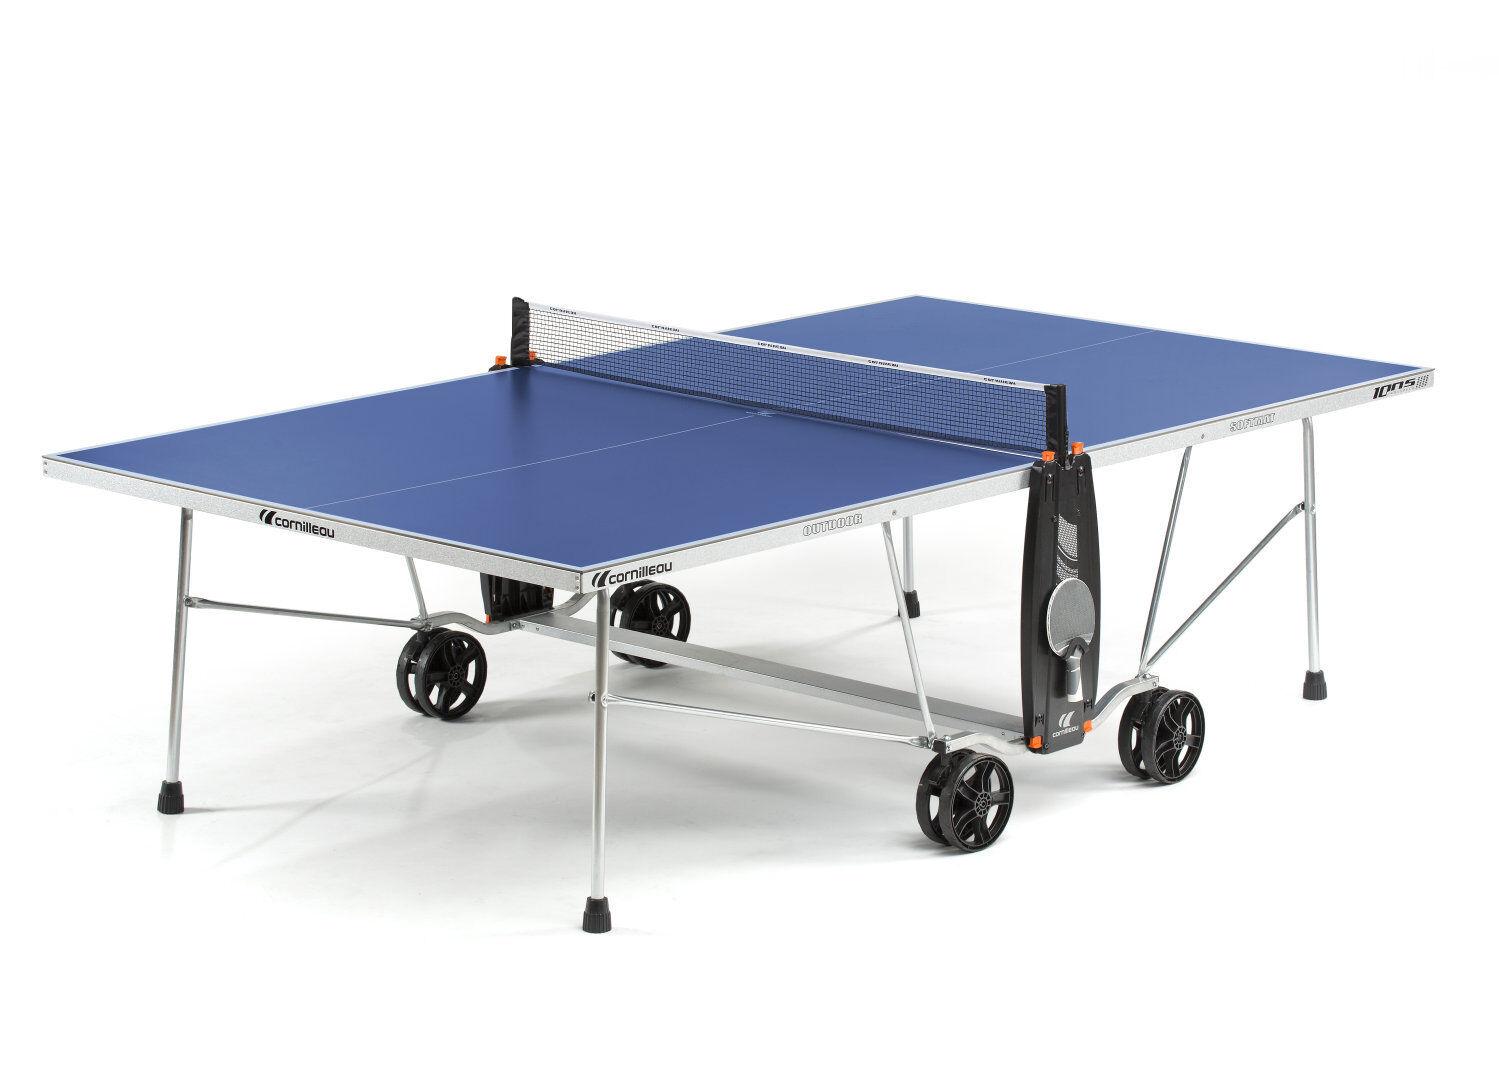 Cornilleau 100 100 100 S Crotver outdoor Tischtennisplatte  Blau mit Netz e5b8e6